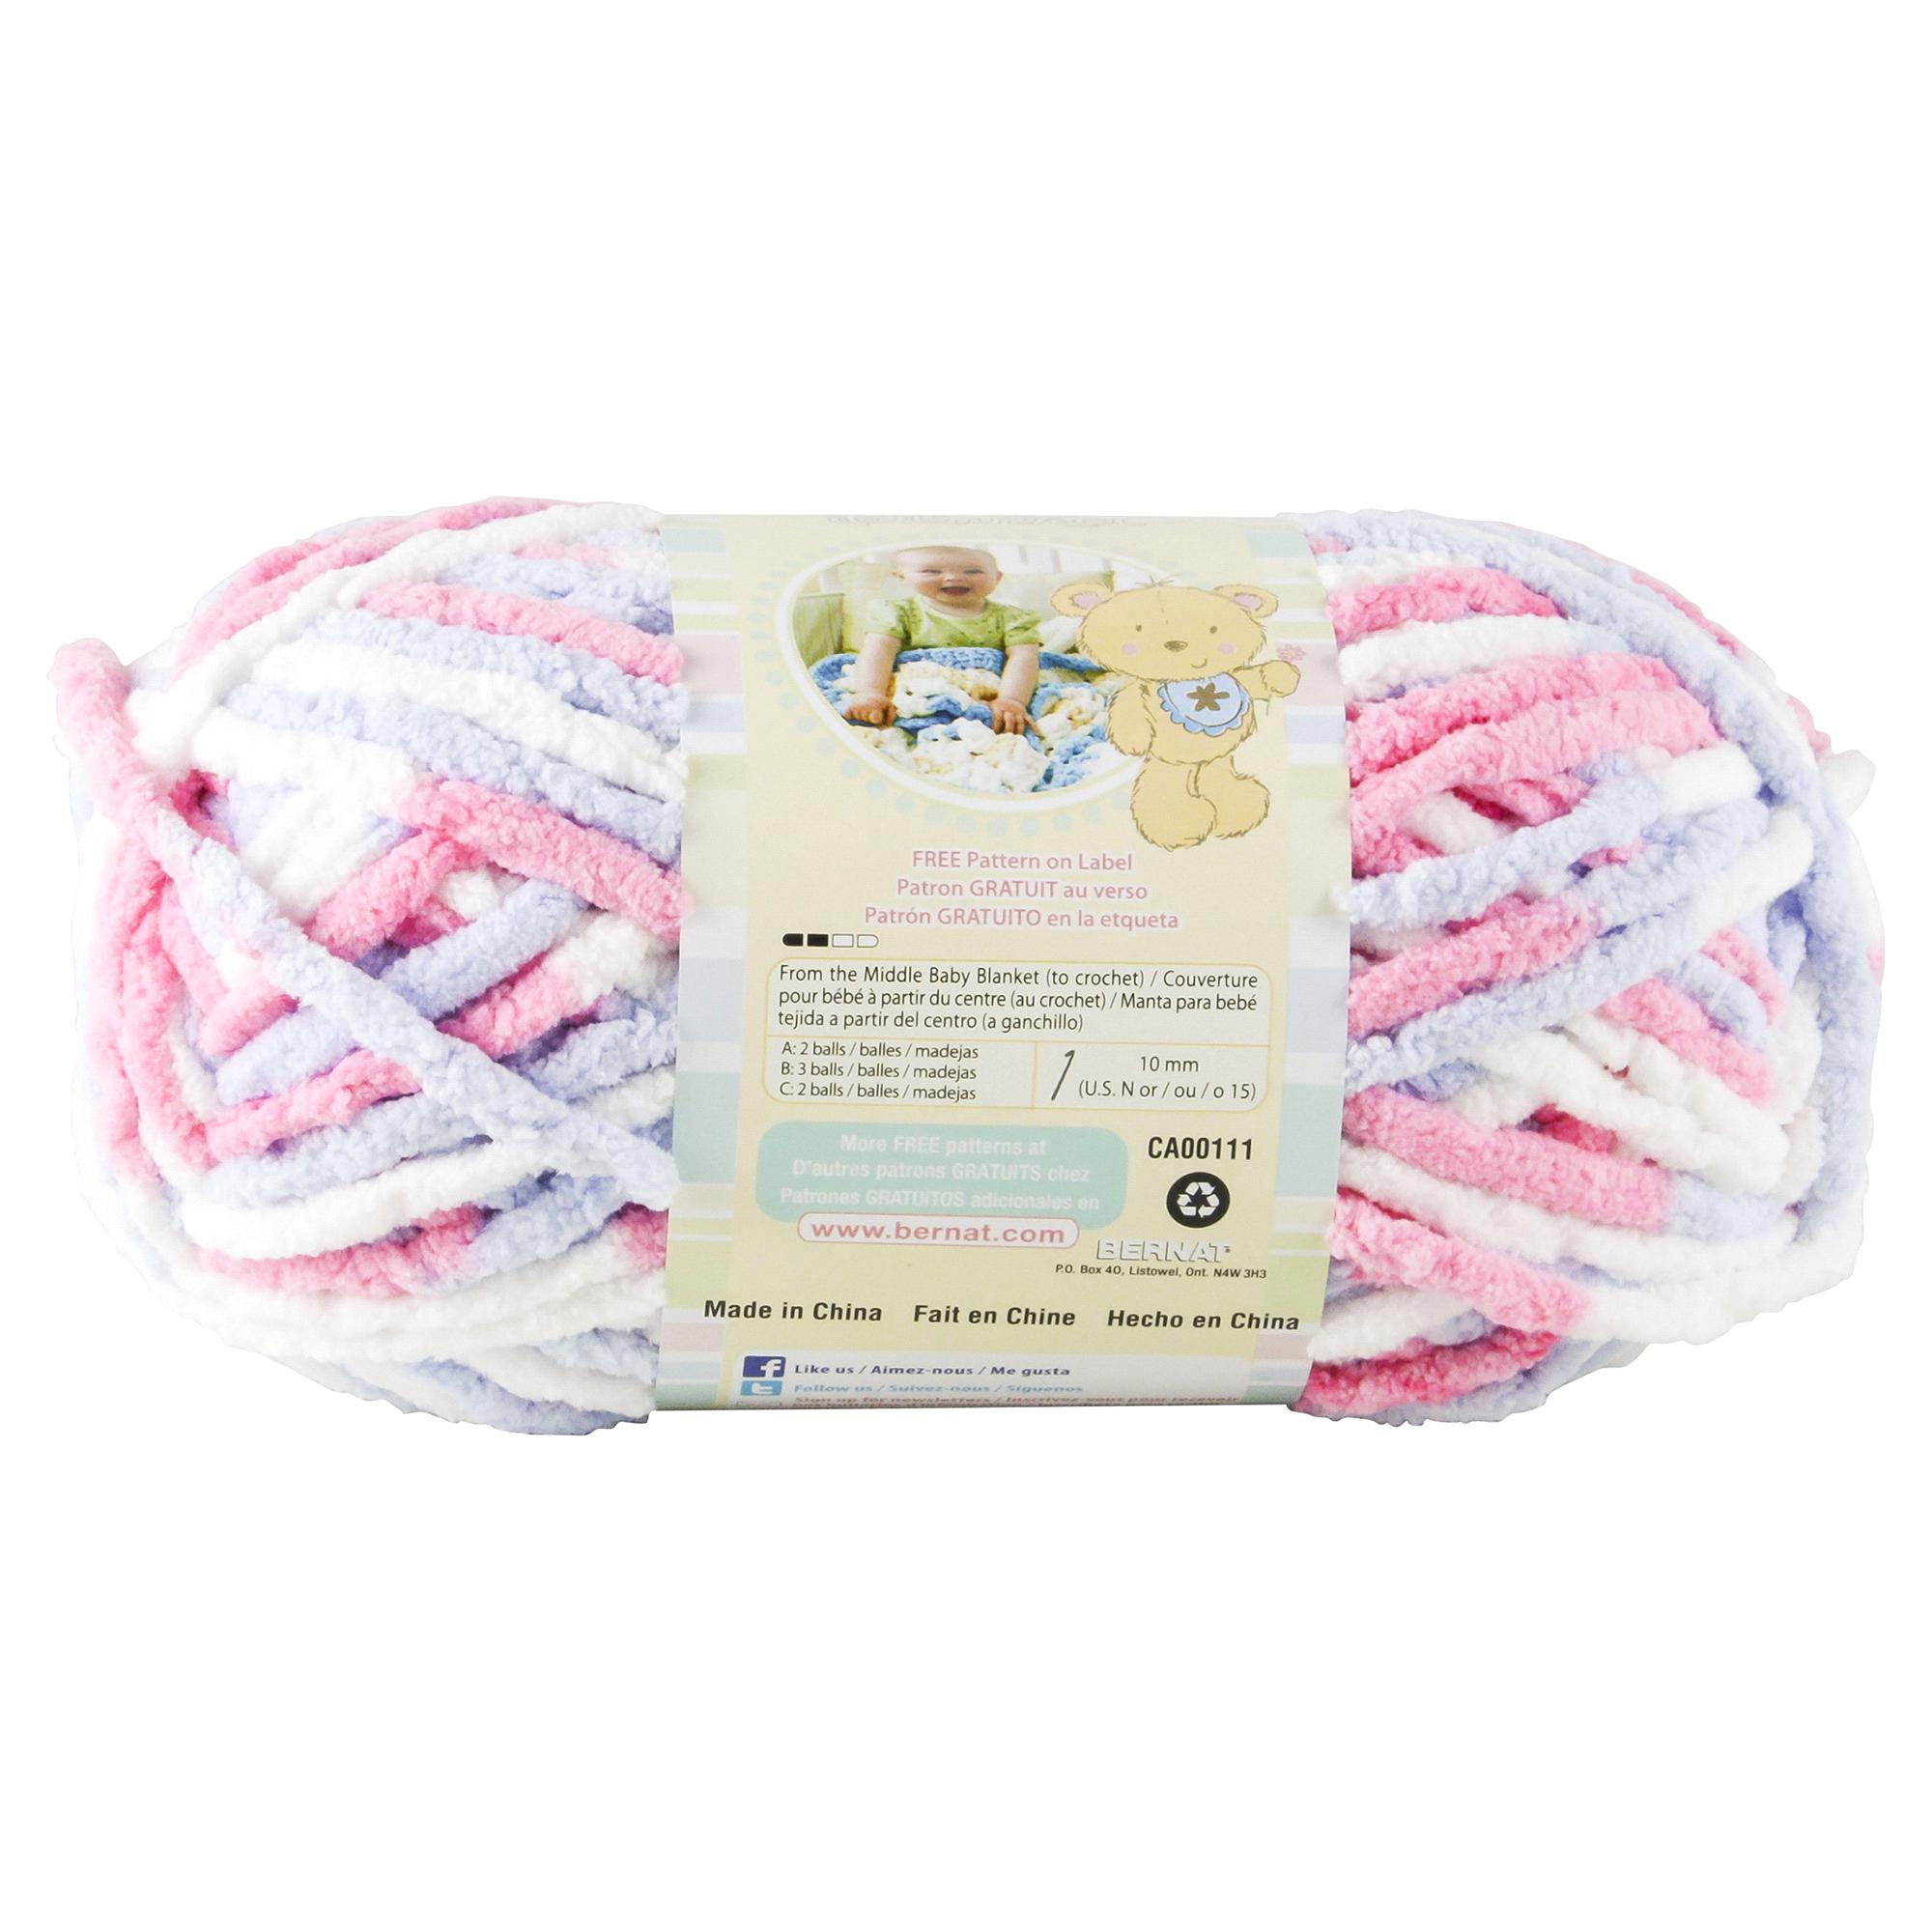 Bernat Baby Blanket Ombre Yarn Pink/Blue | Meijer.com